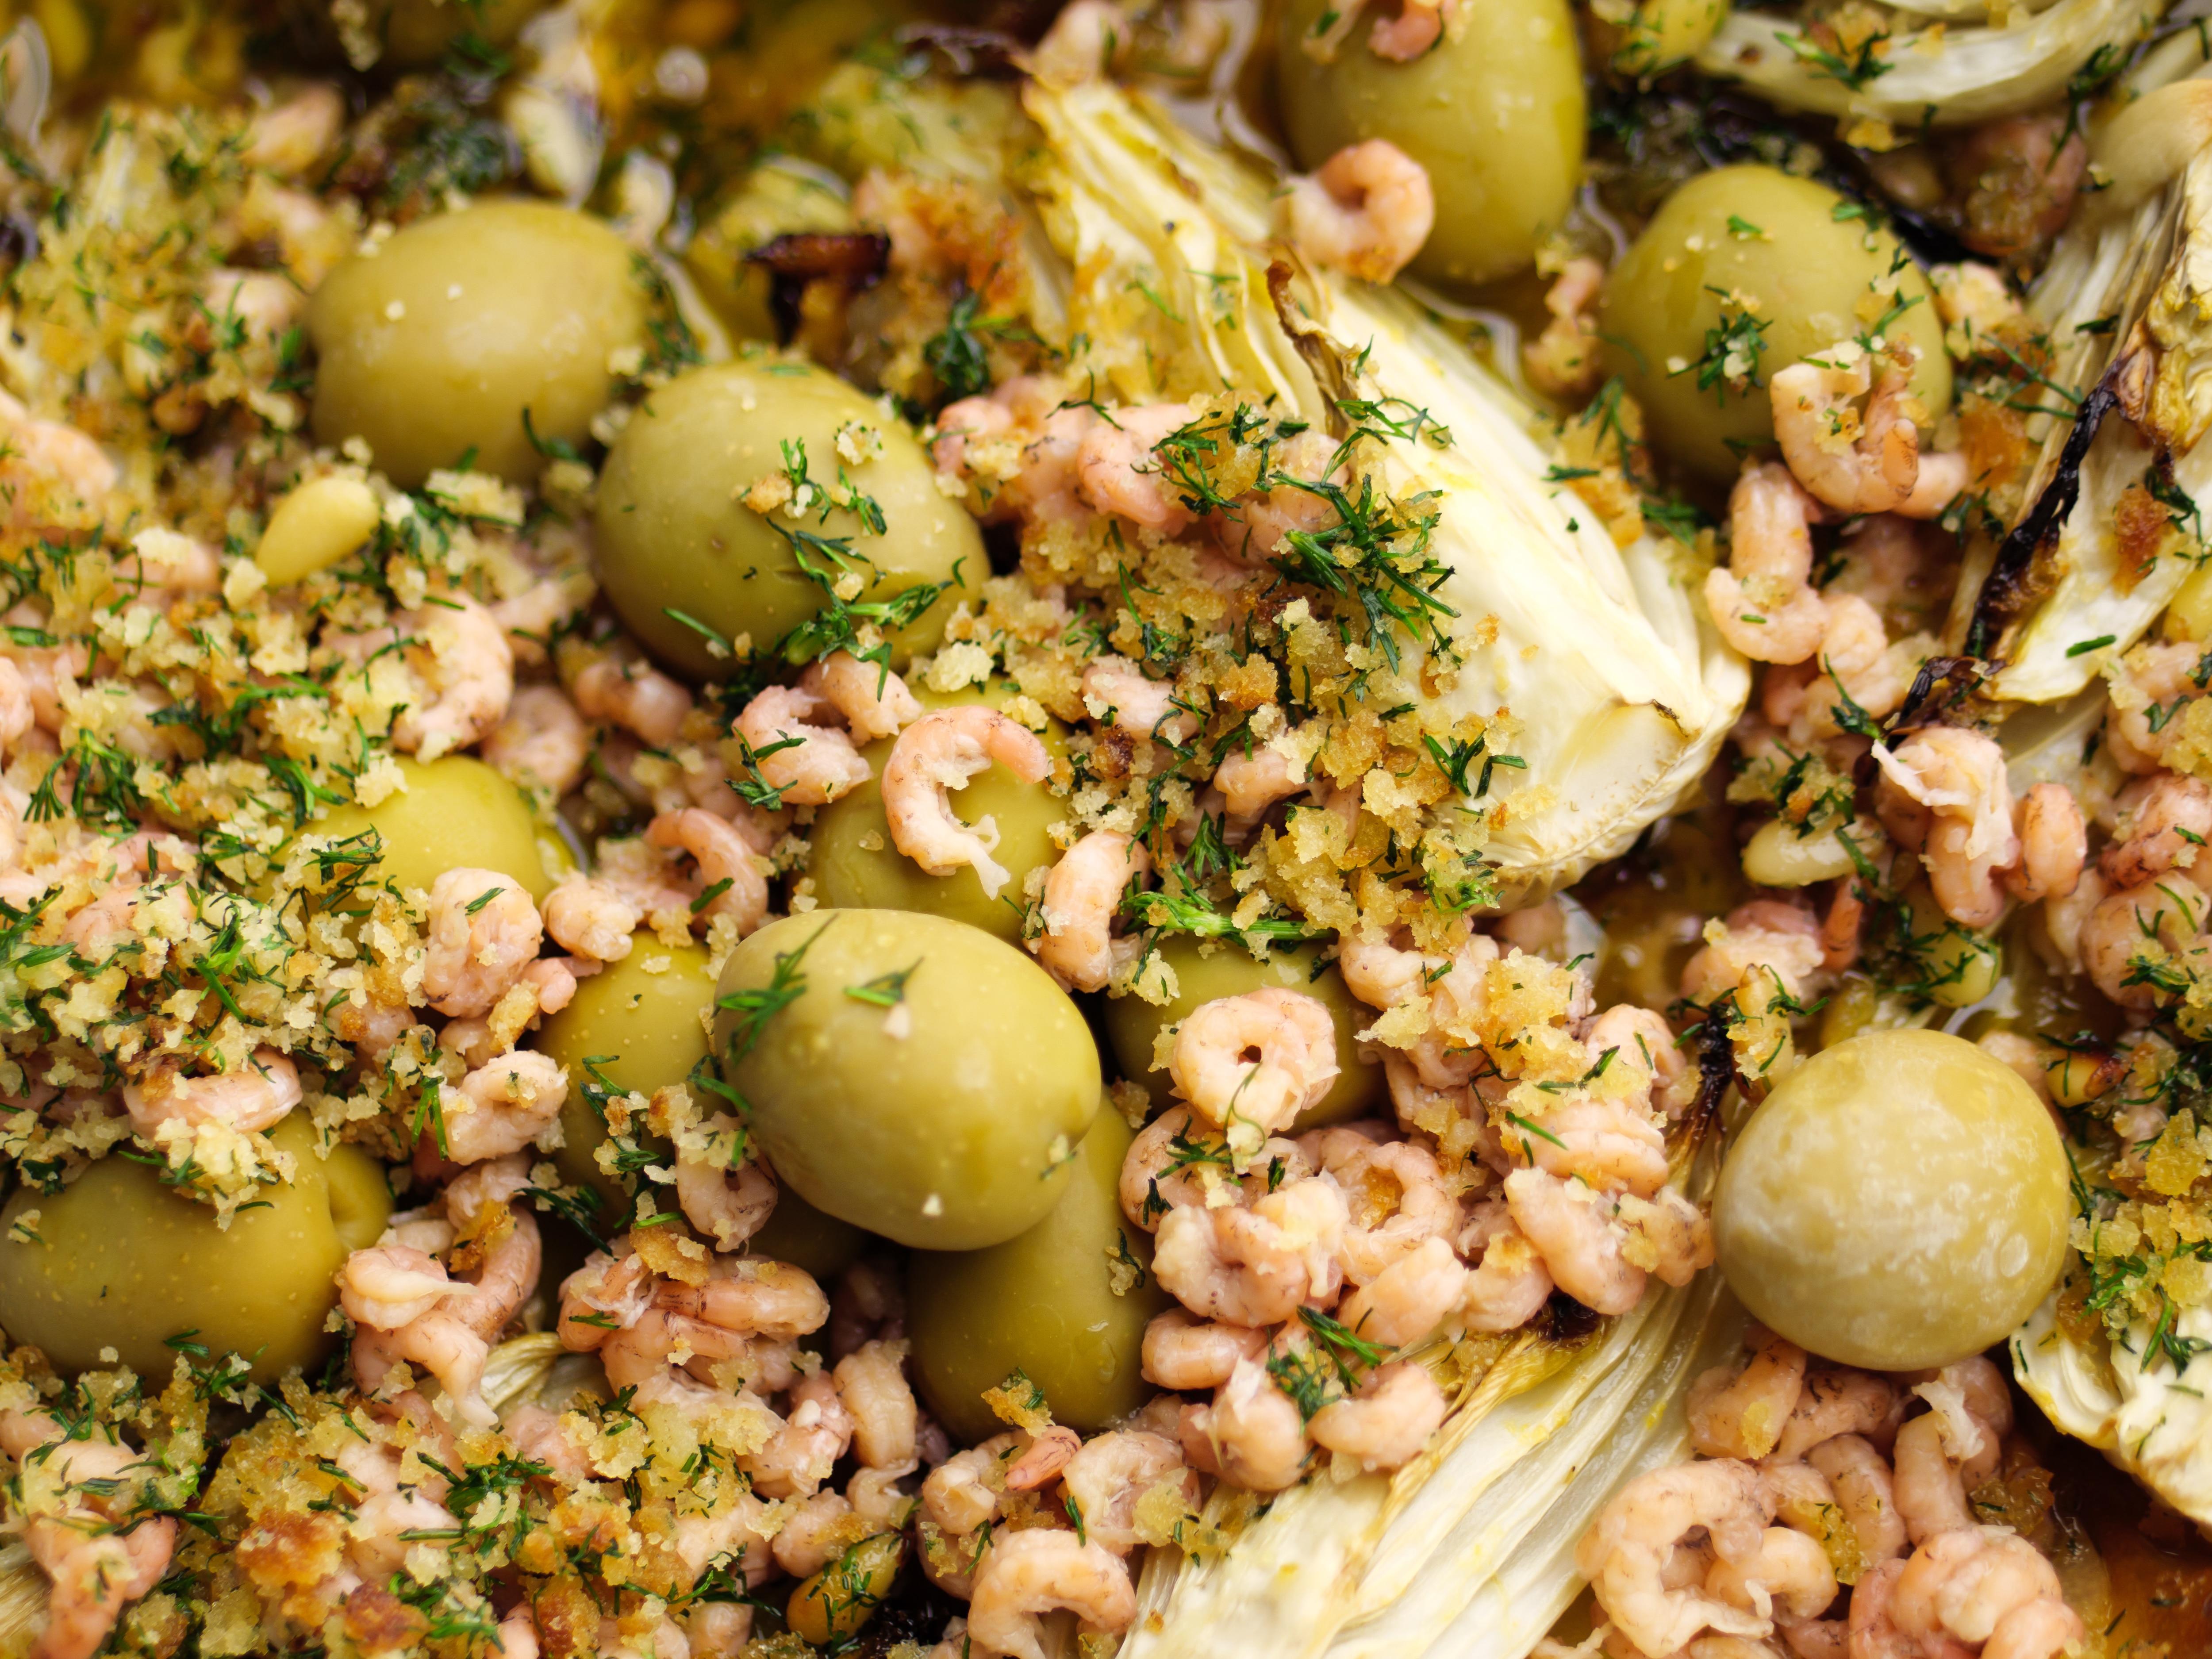 Lemon Roasted Fennel With Olives And Brown Shrimp